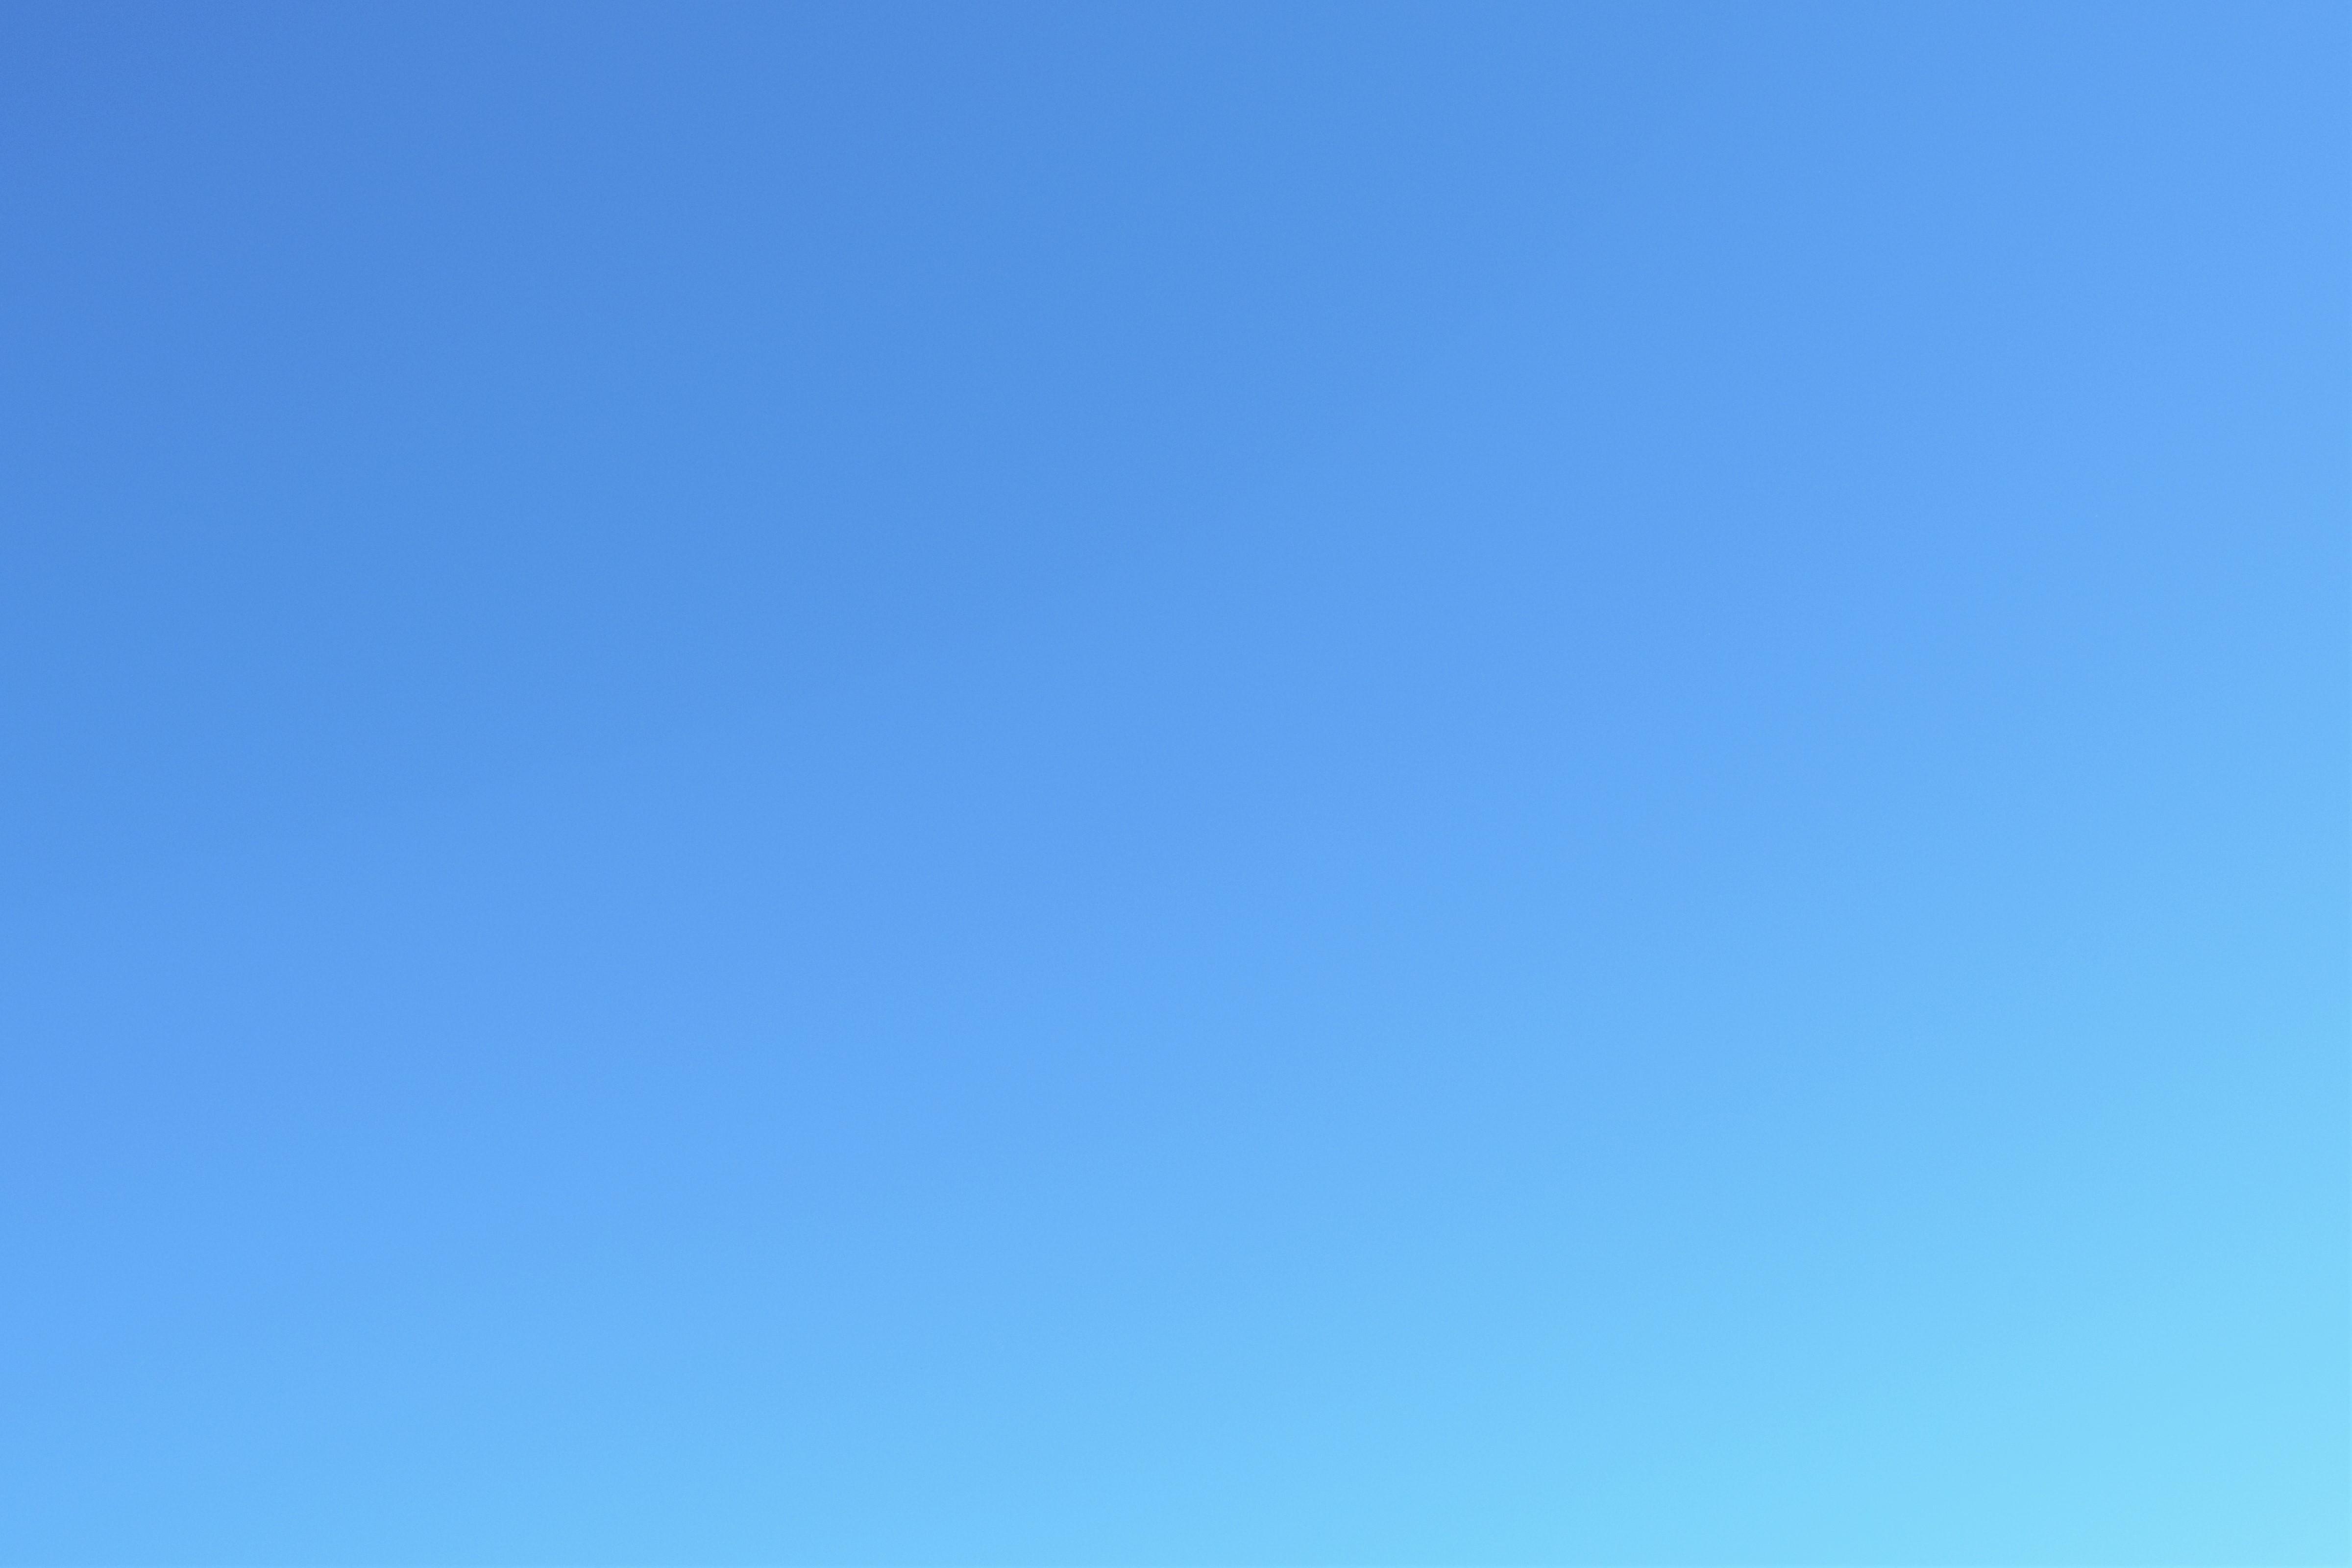 Blue sky by euCosDum on DeviantArt